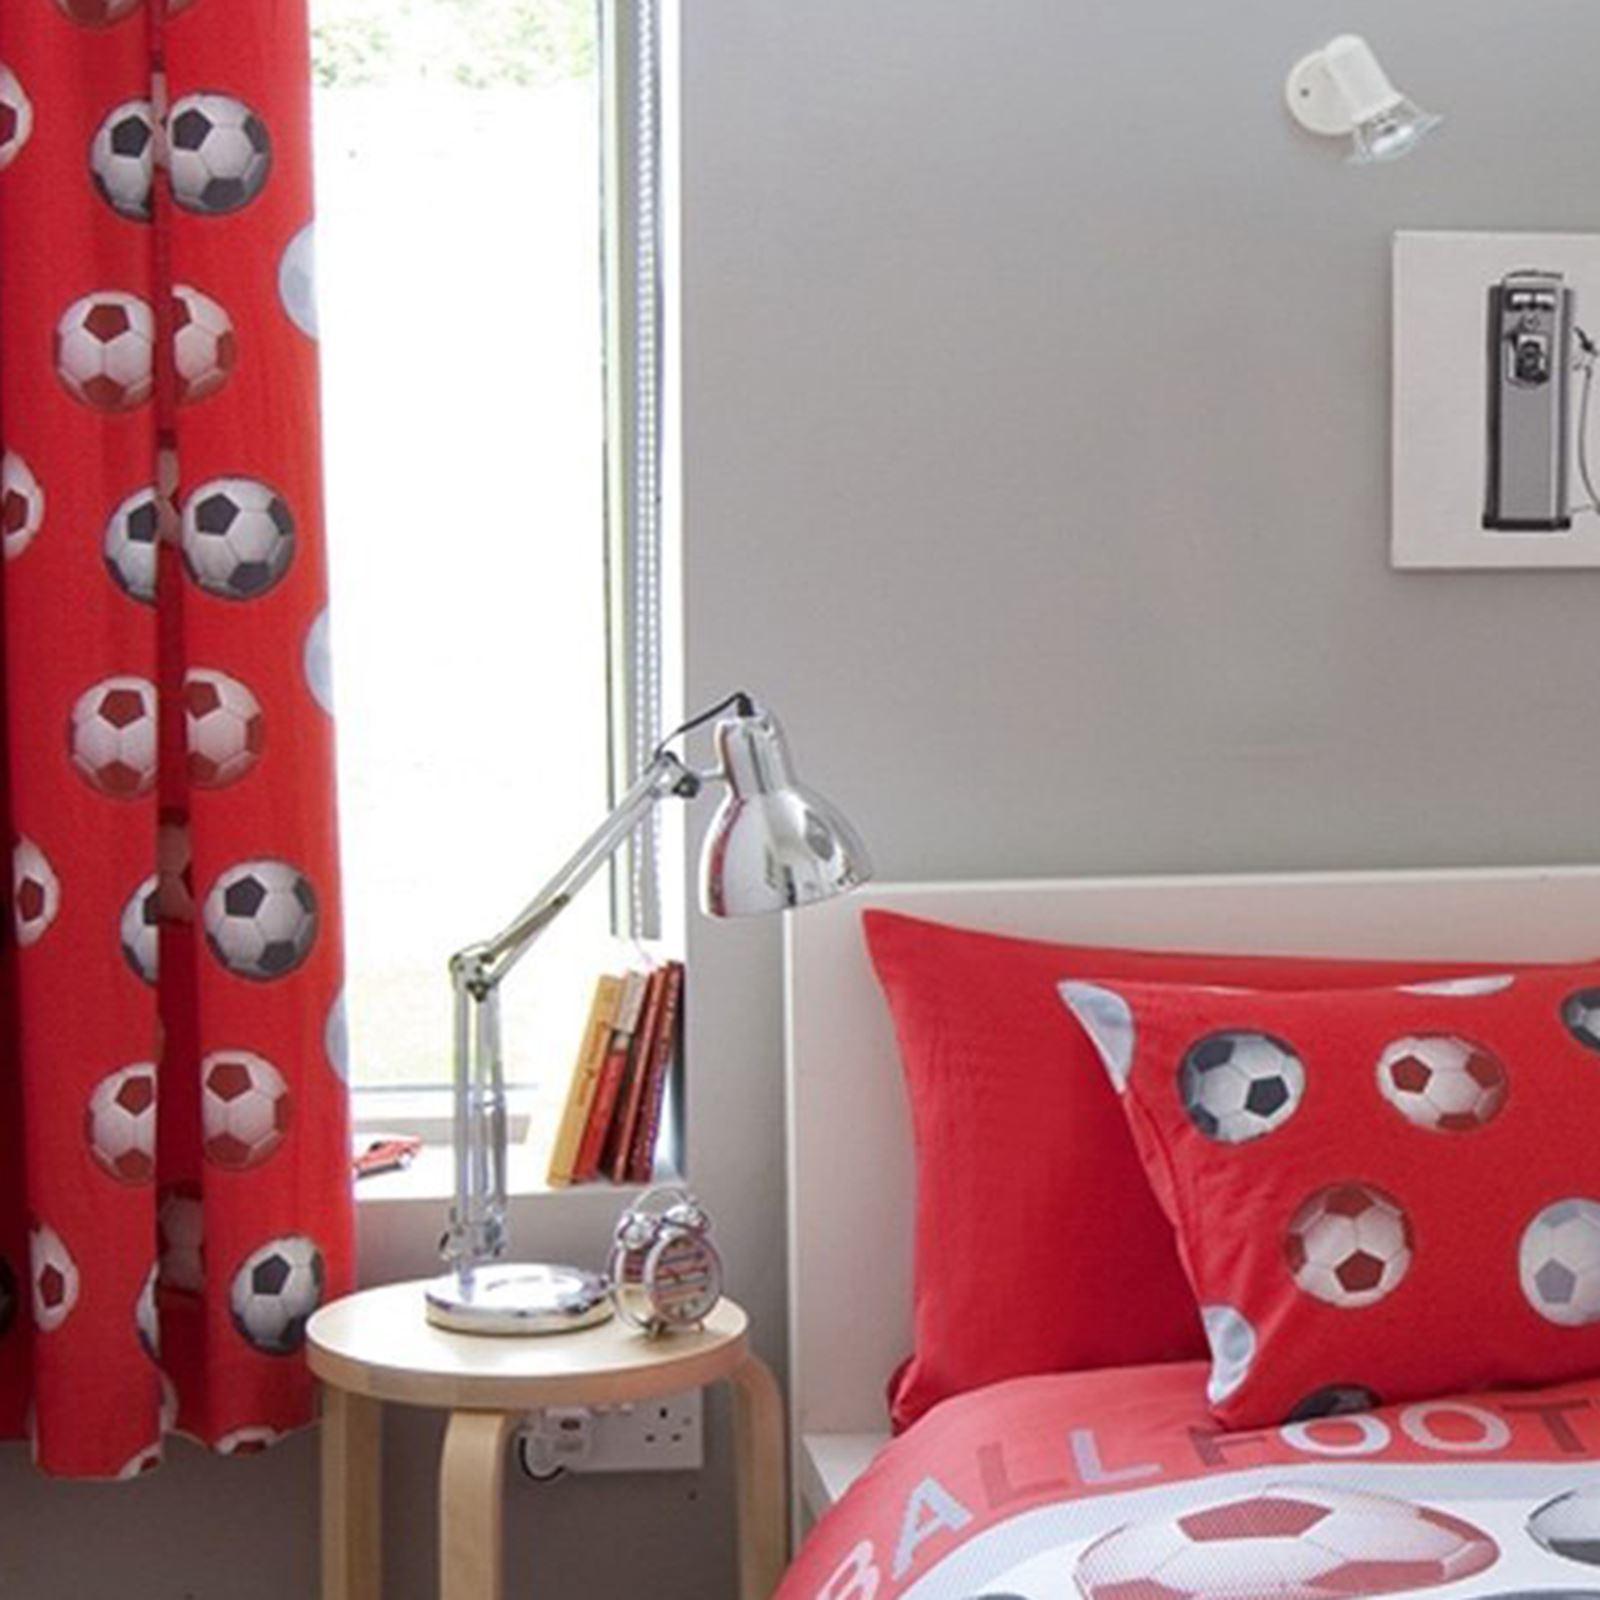 Calcio camera da letto bambini ragazzi singolo e matrimoniale copripiumino ebay - Camera da letto bambini ...